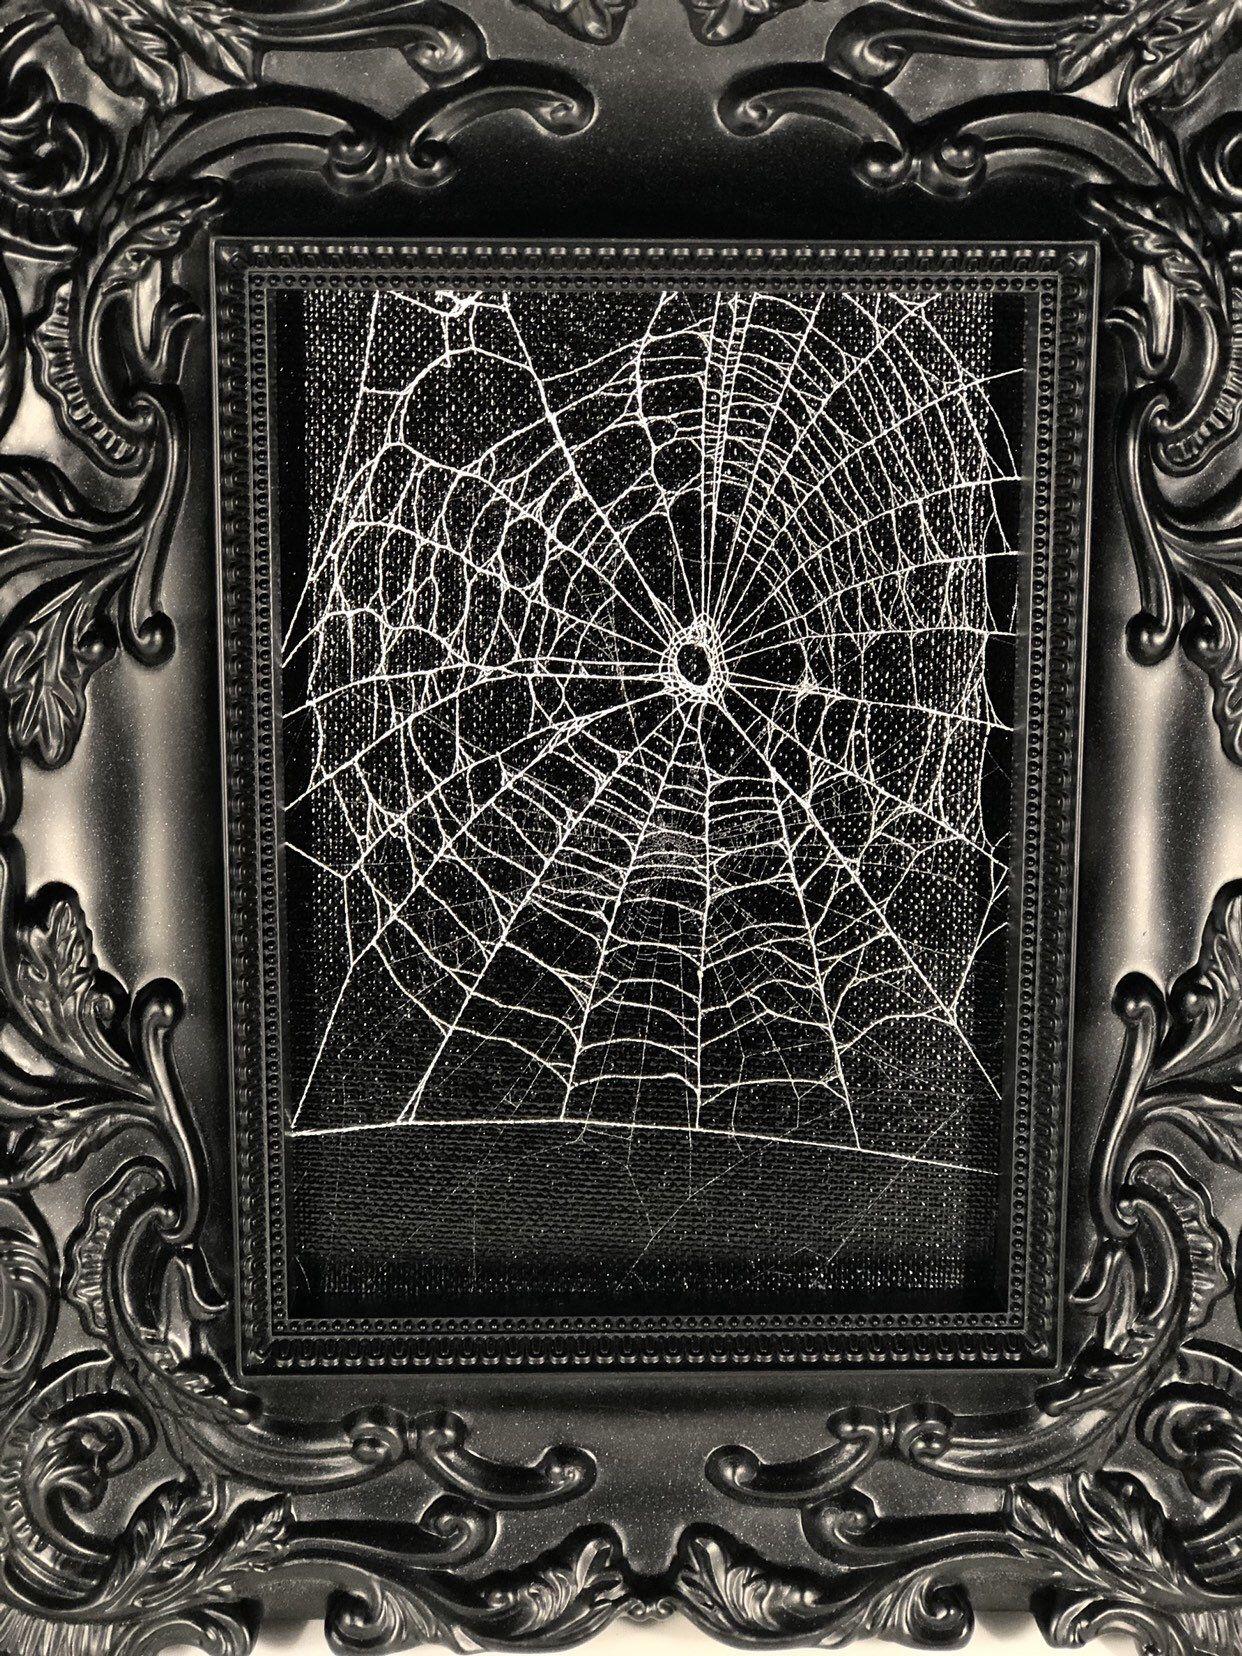 Genuine Preserved Spider Web Framed Spider Web Real Spider Web Etsy Spider Web Real Spiders Framed Art